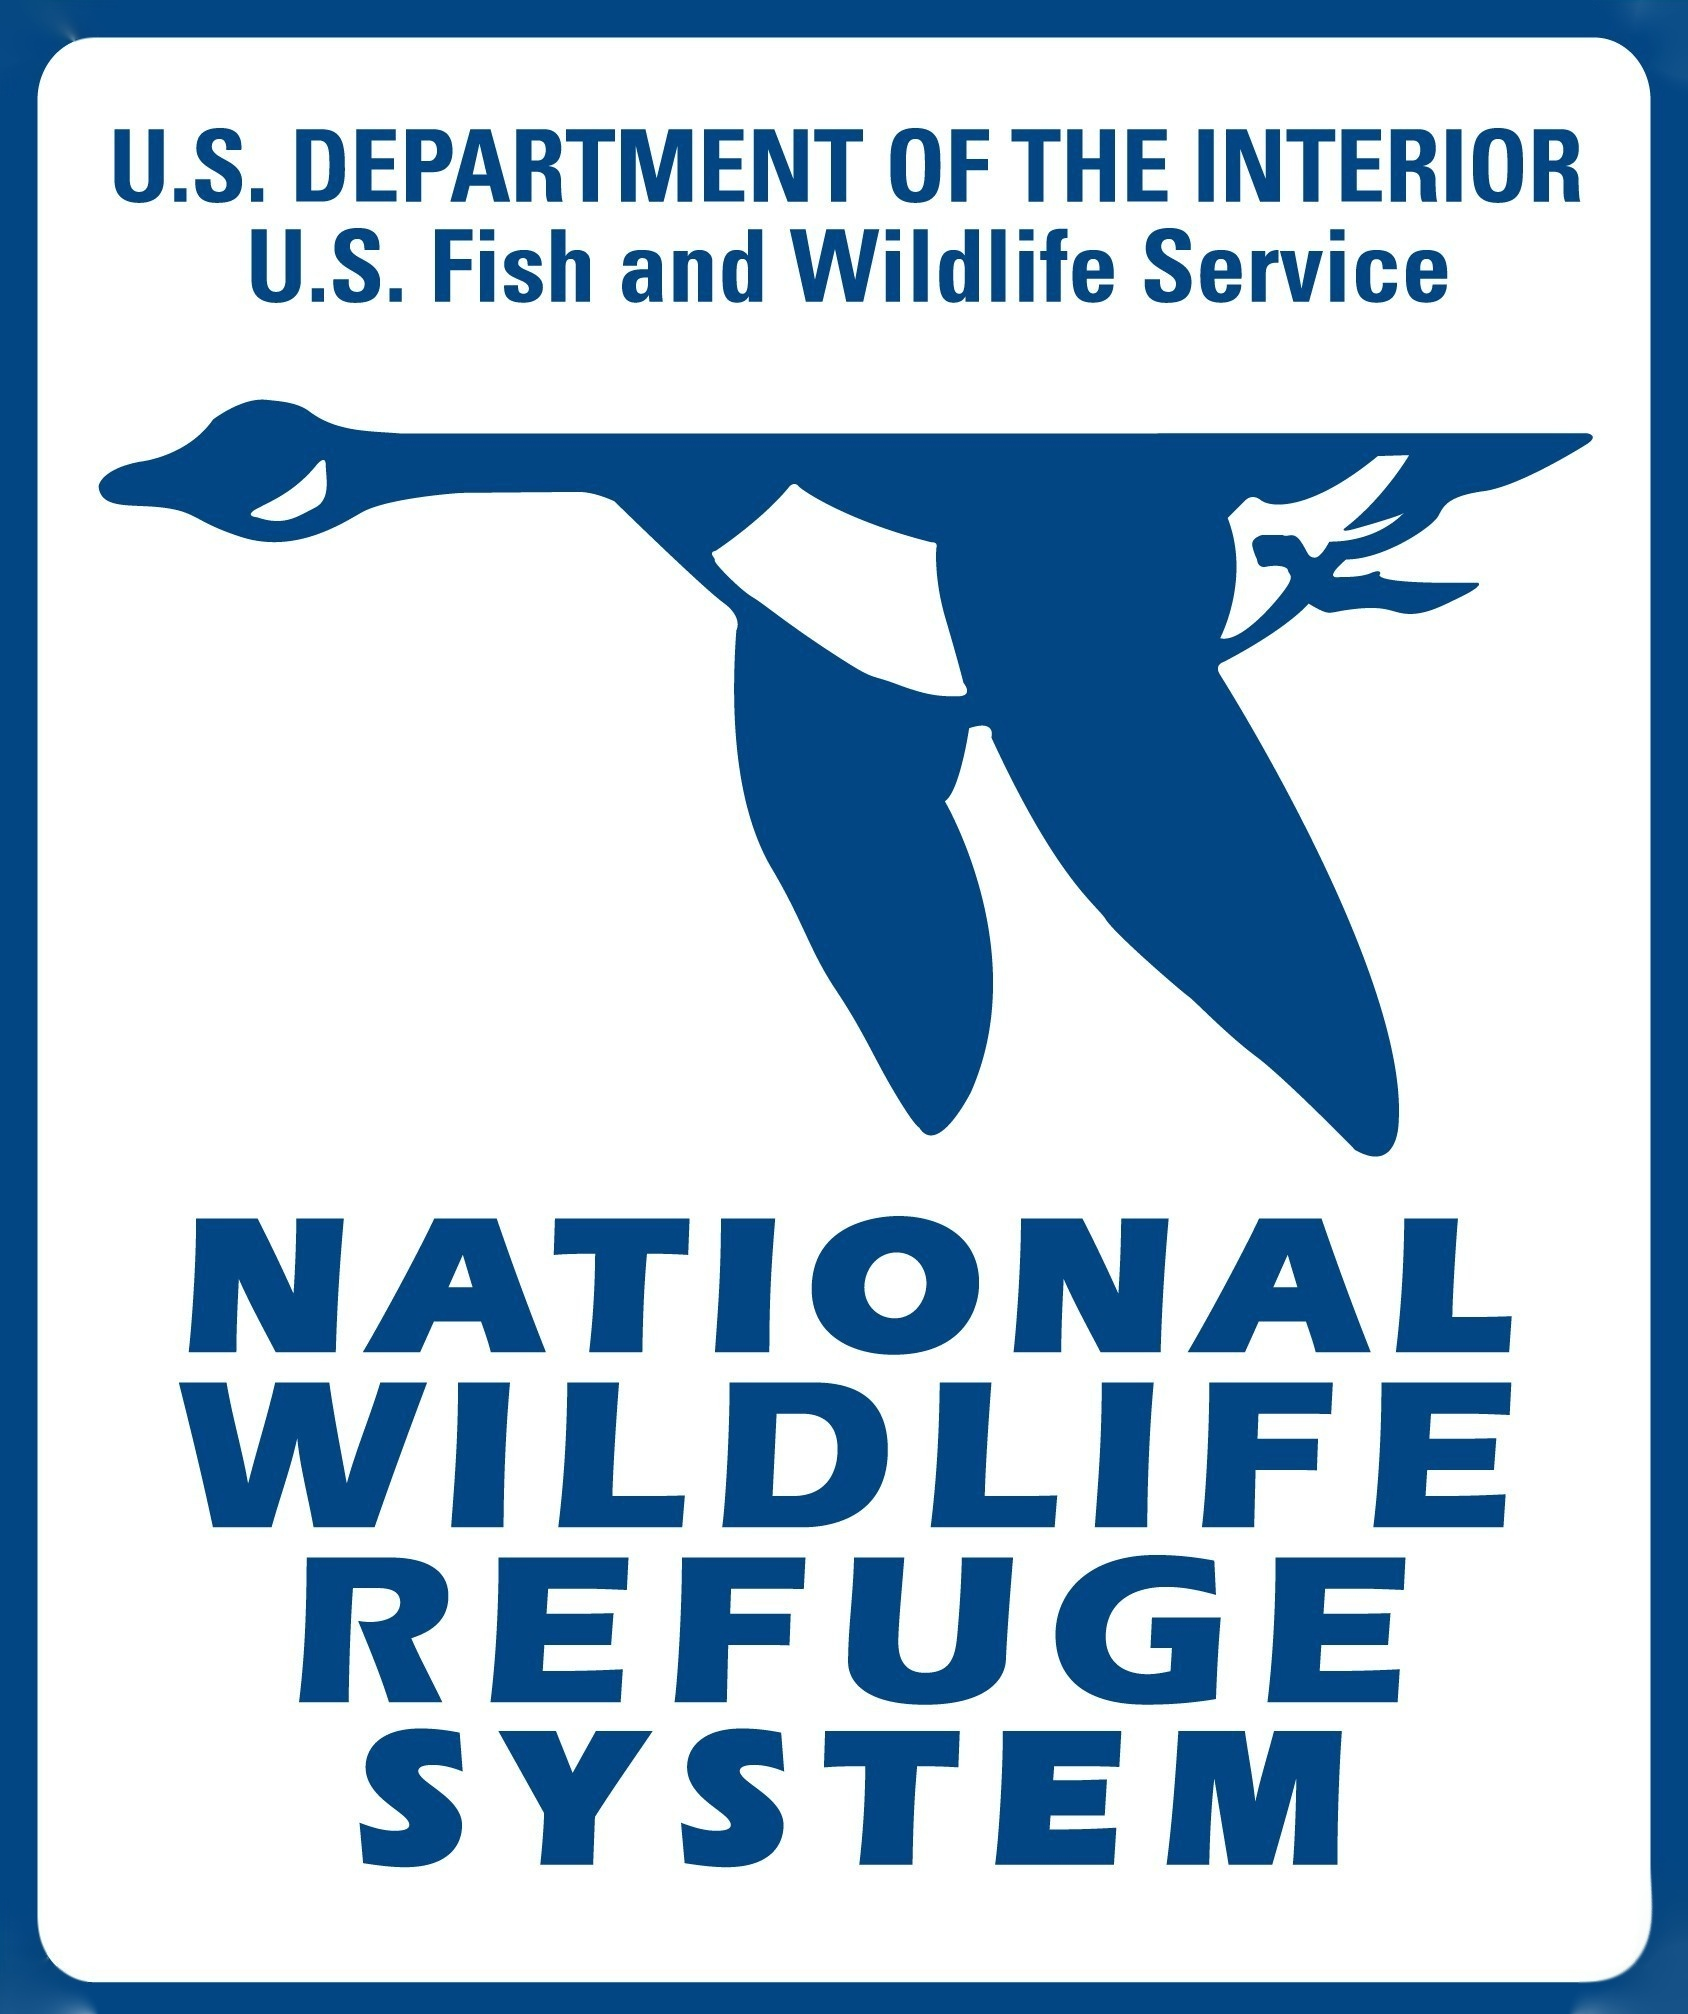 National Wildlife Refuge System